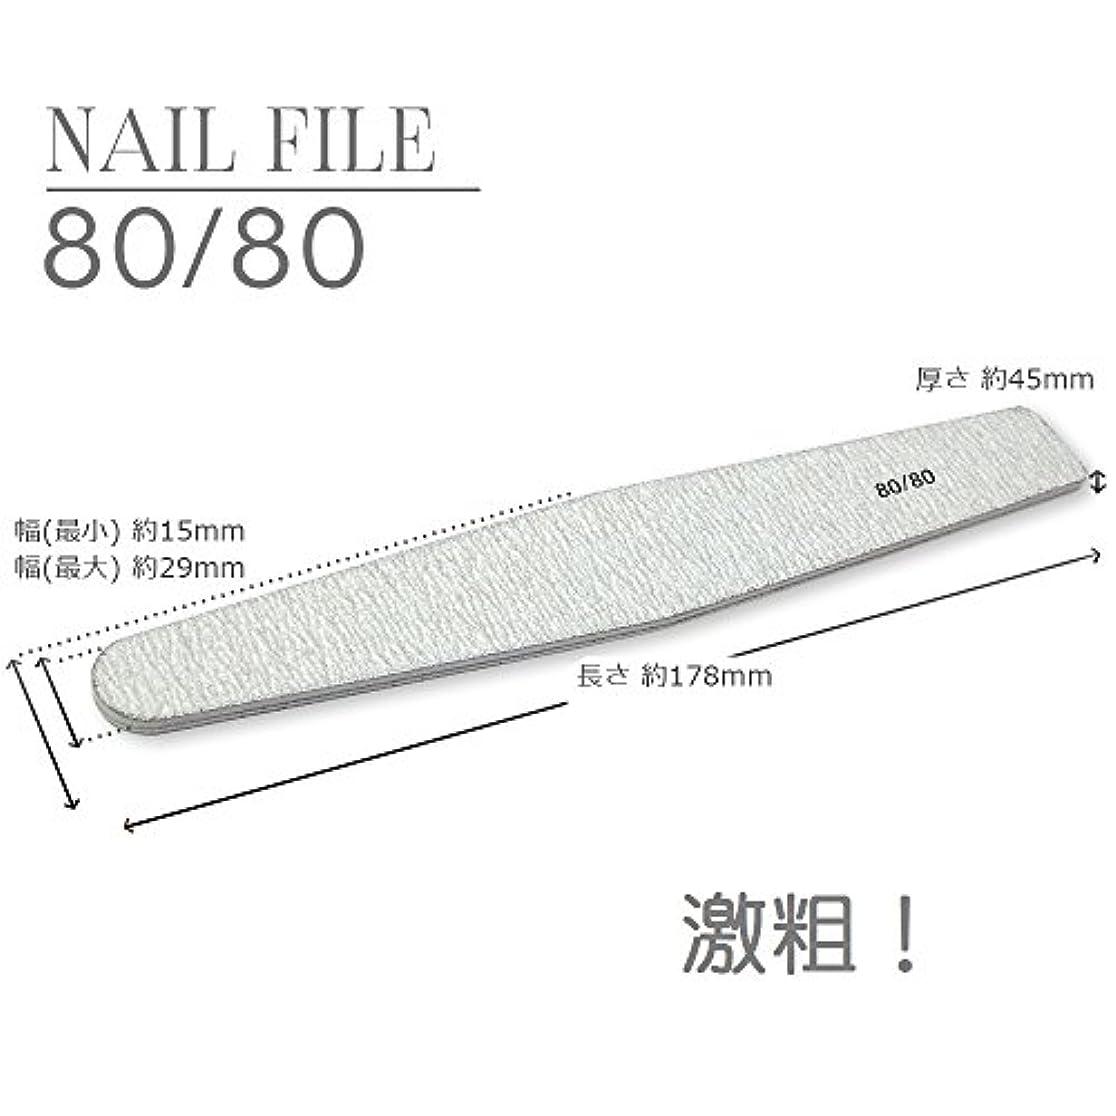 砂利外向きメガロポリスネイルファイル【80/80】激粗 1本 ★ガリガリ削れます!